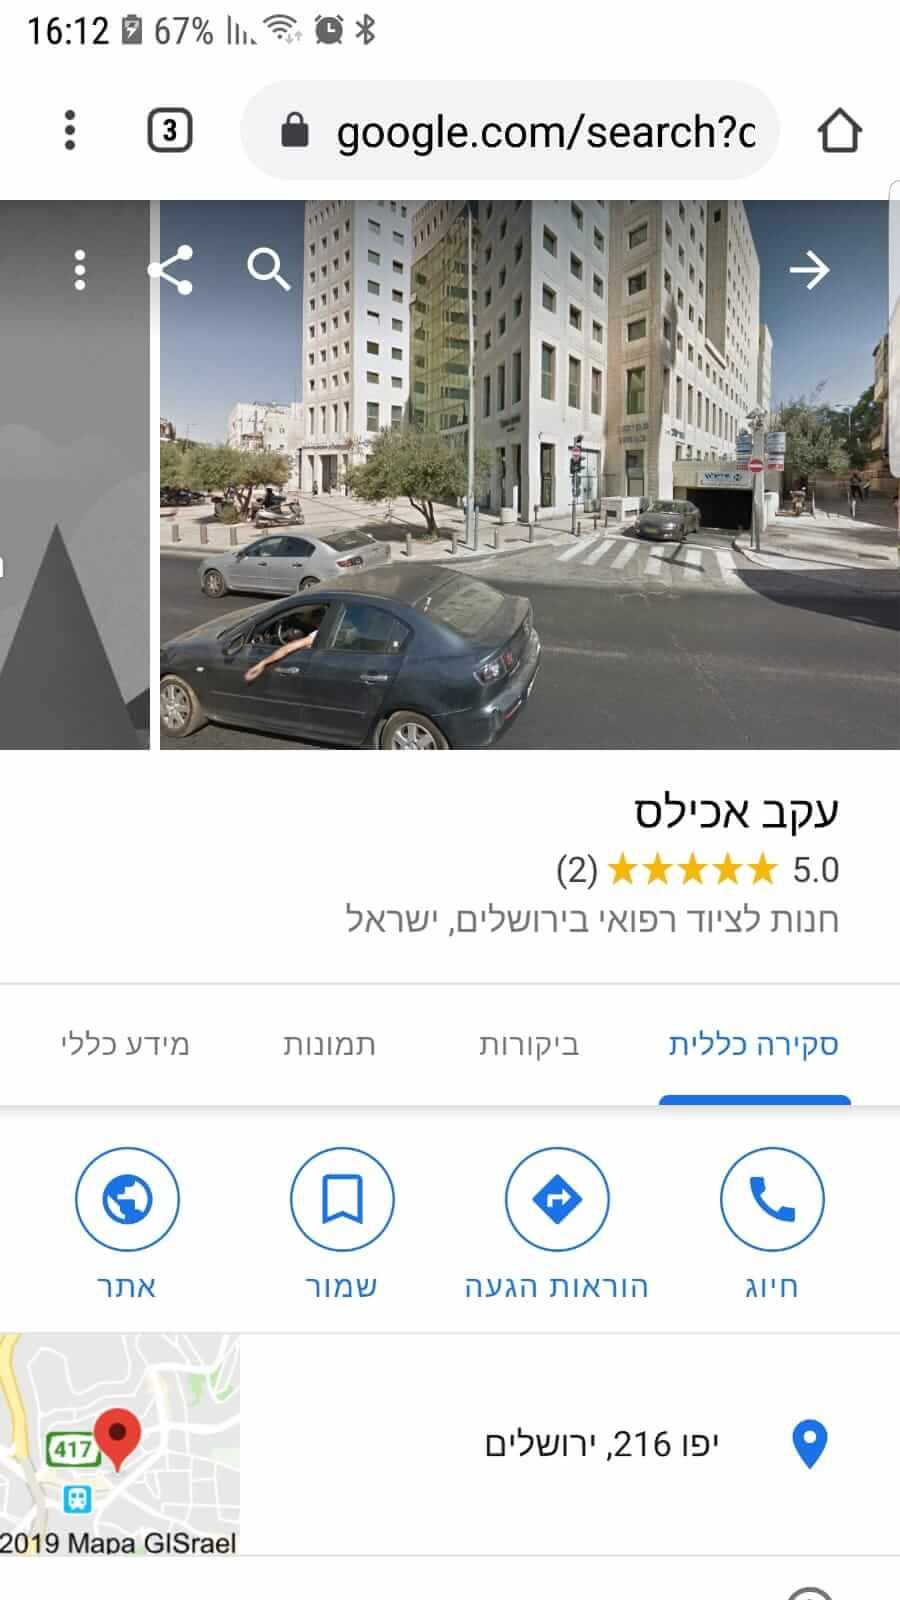 גוגל לעסק שלי תמונה מהנייד